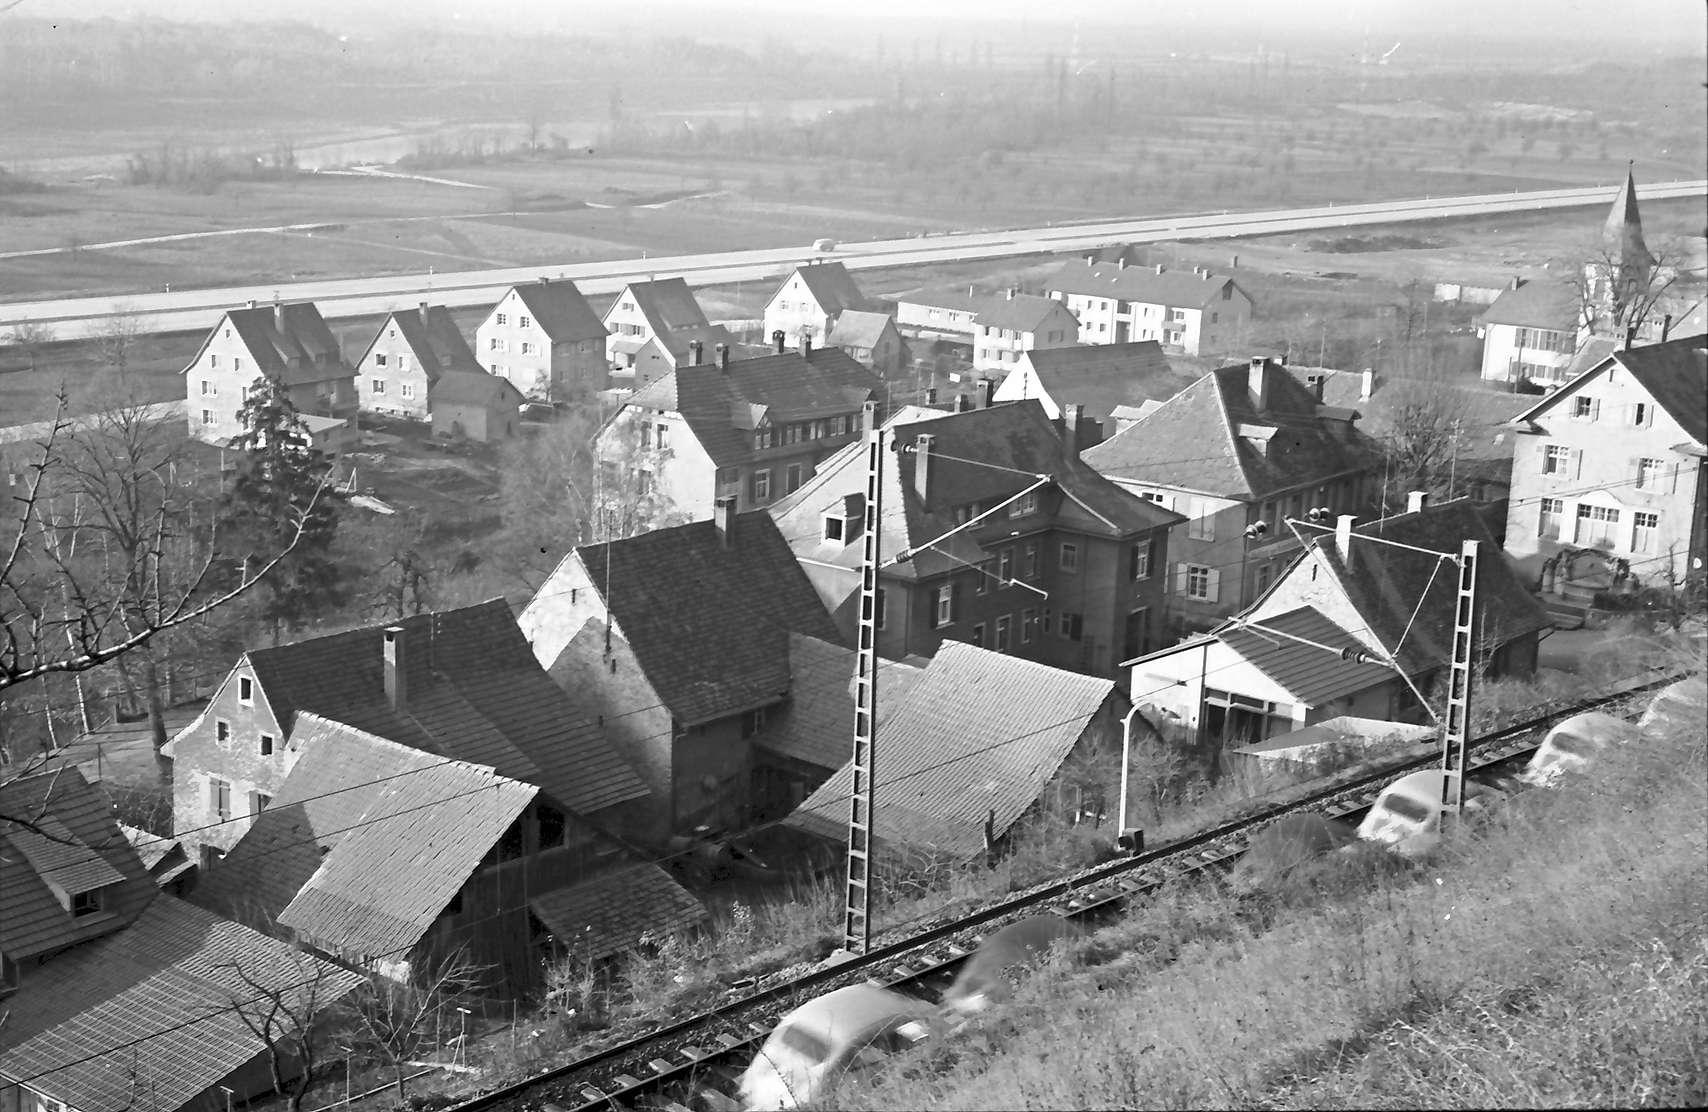 Kleinkems: Blick von der Höhe auf Ort und Autobahn, Bild 1